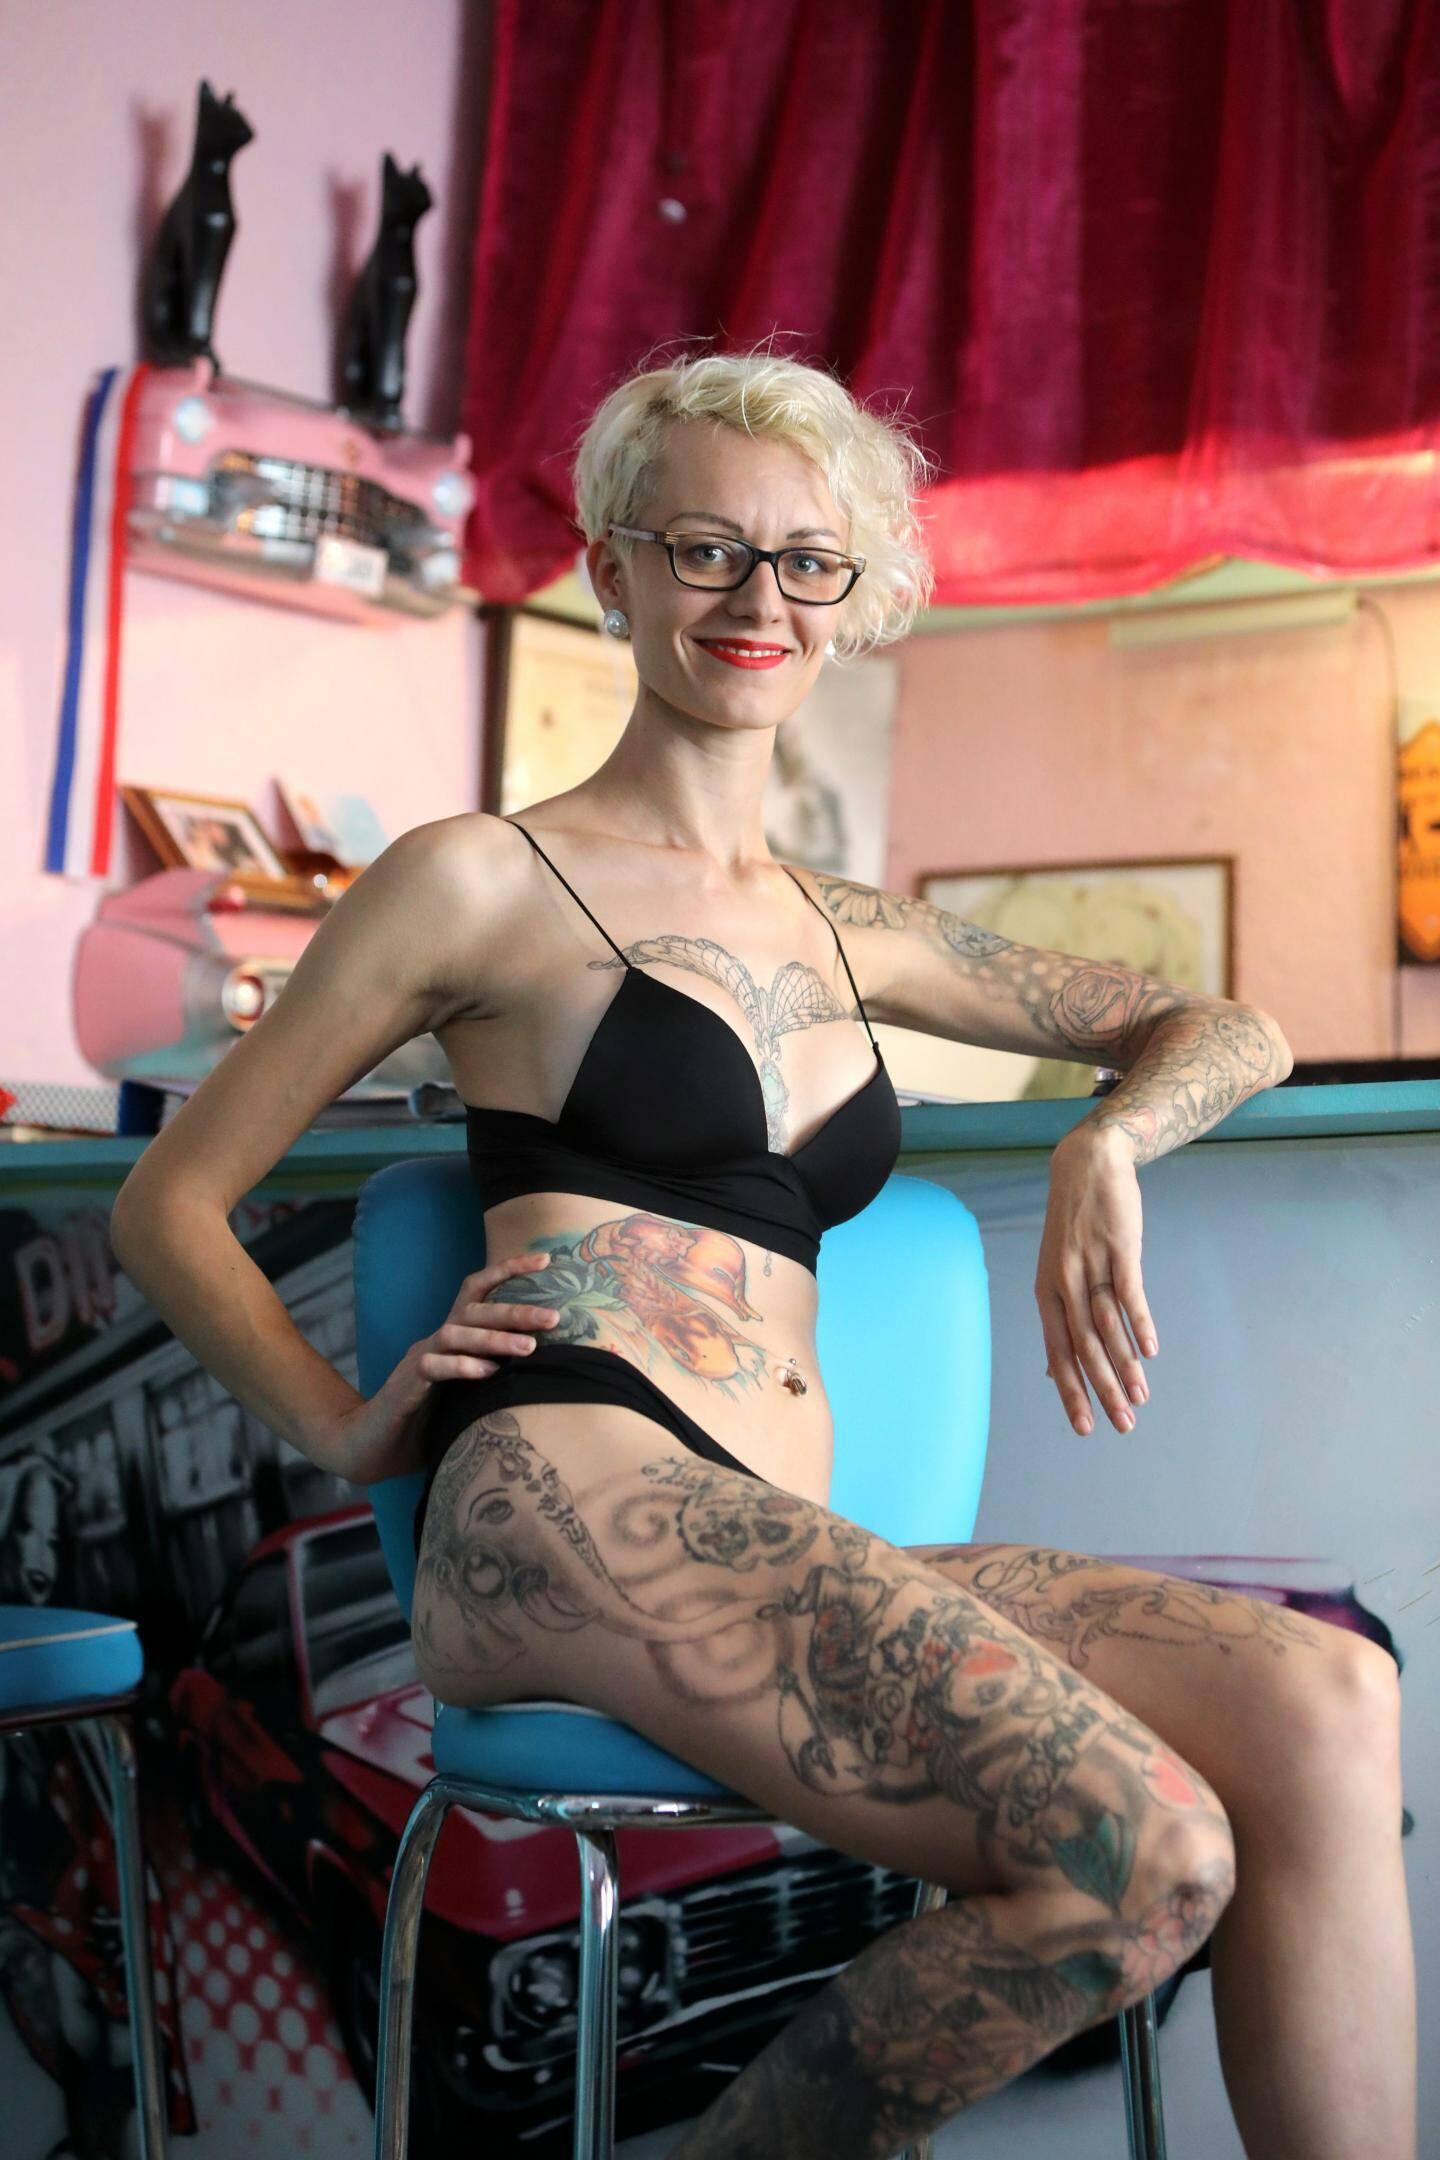 Au fin des ans, elle s'est ajoutée une seconde peau. « Je n'ai jamais l'impression d'être nue avec mes tatouages » avoue la jeune femme.